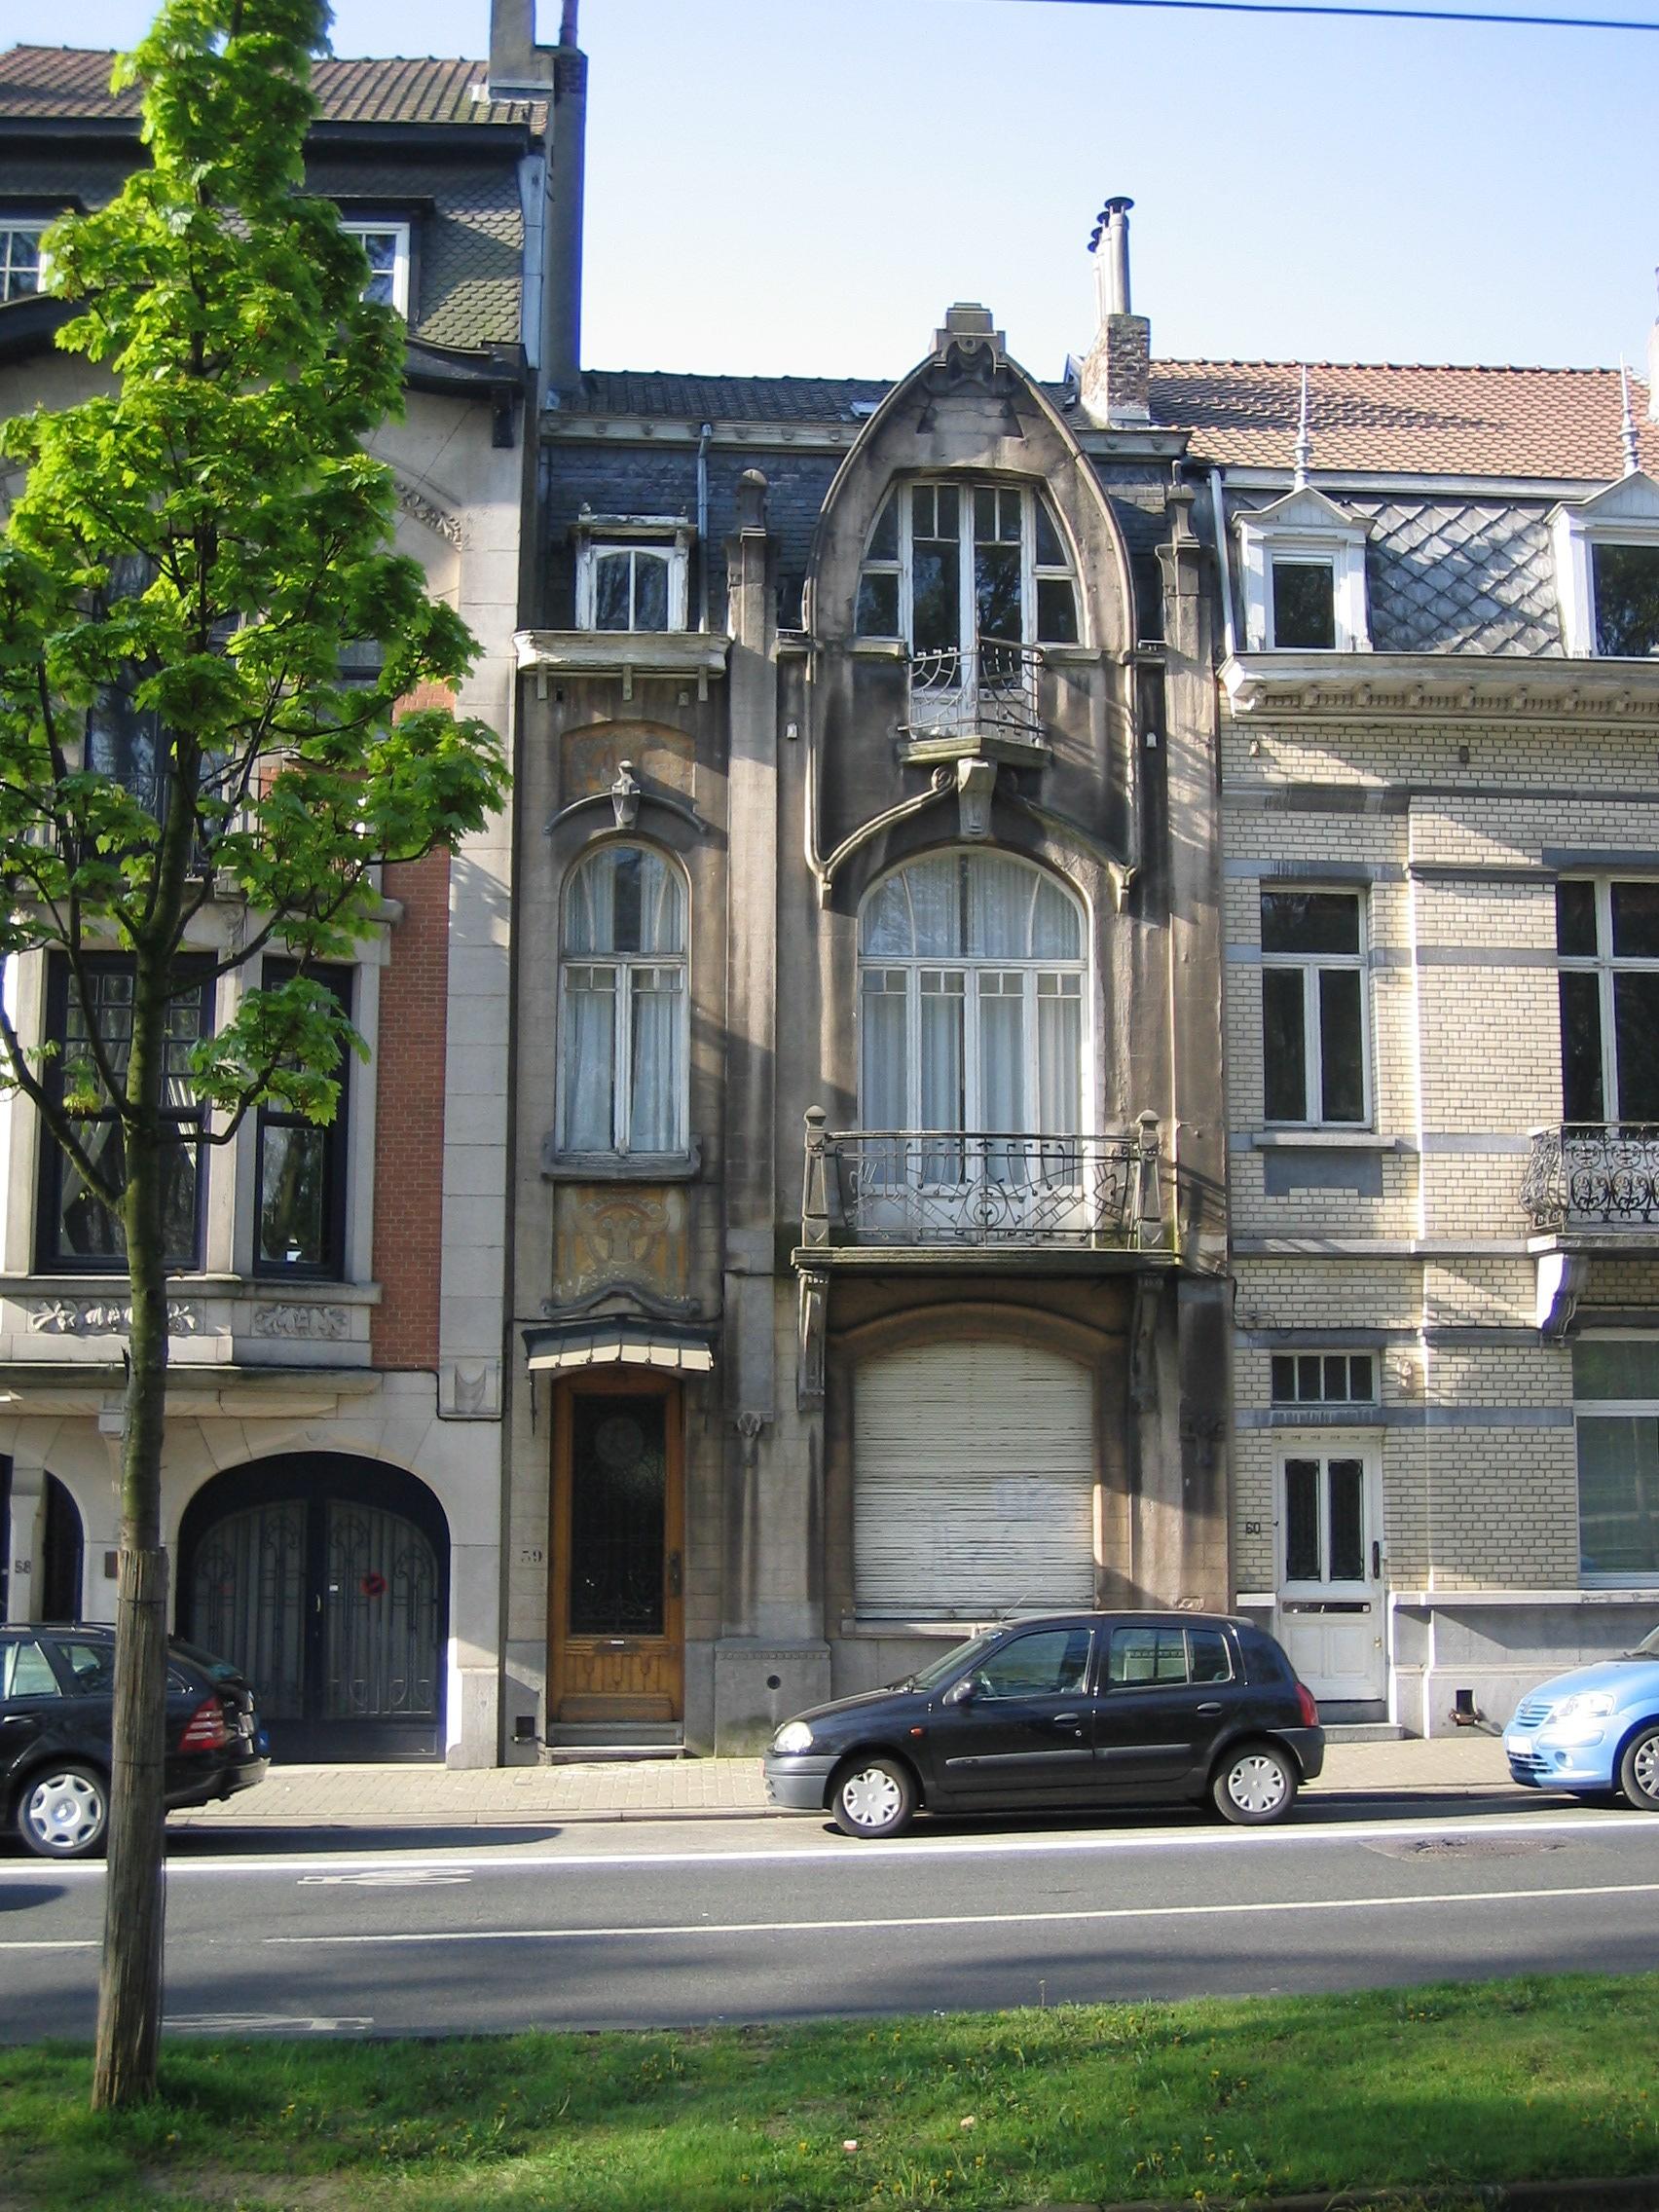 Maison de style art nouveau au 59 avenue du panthéon koekelberg